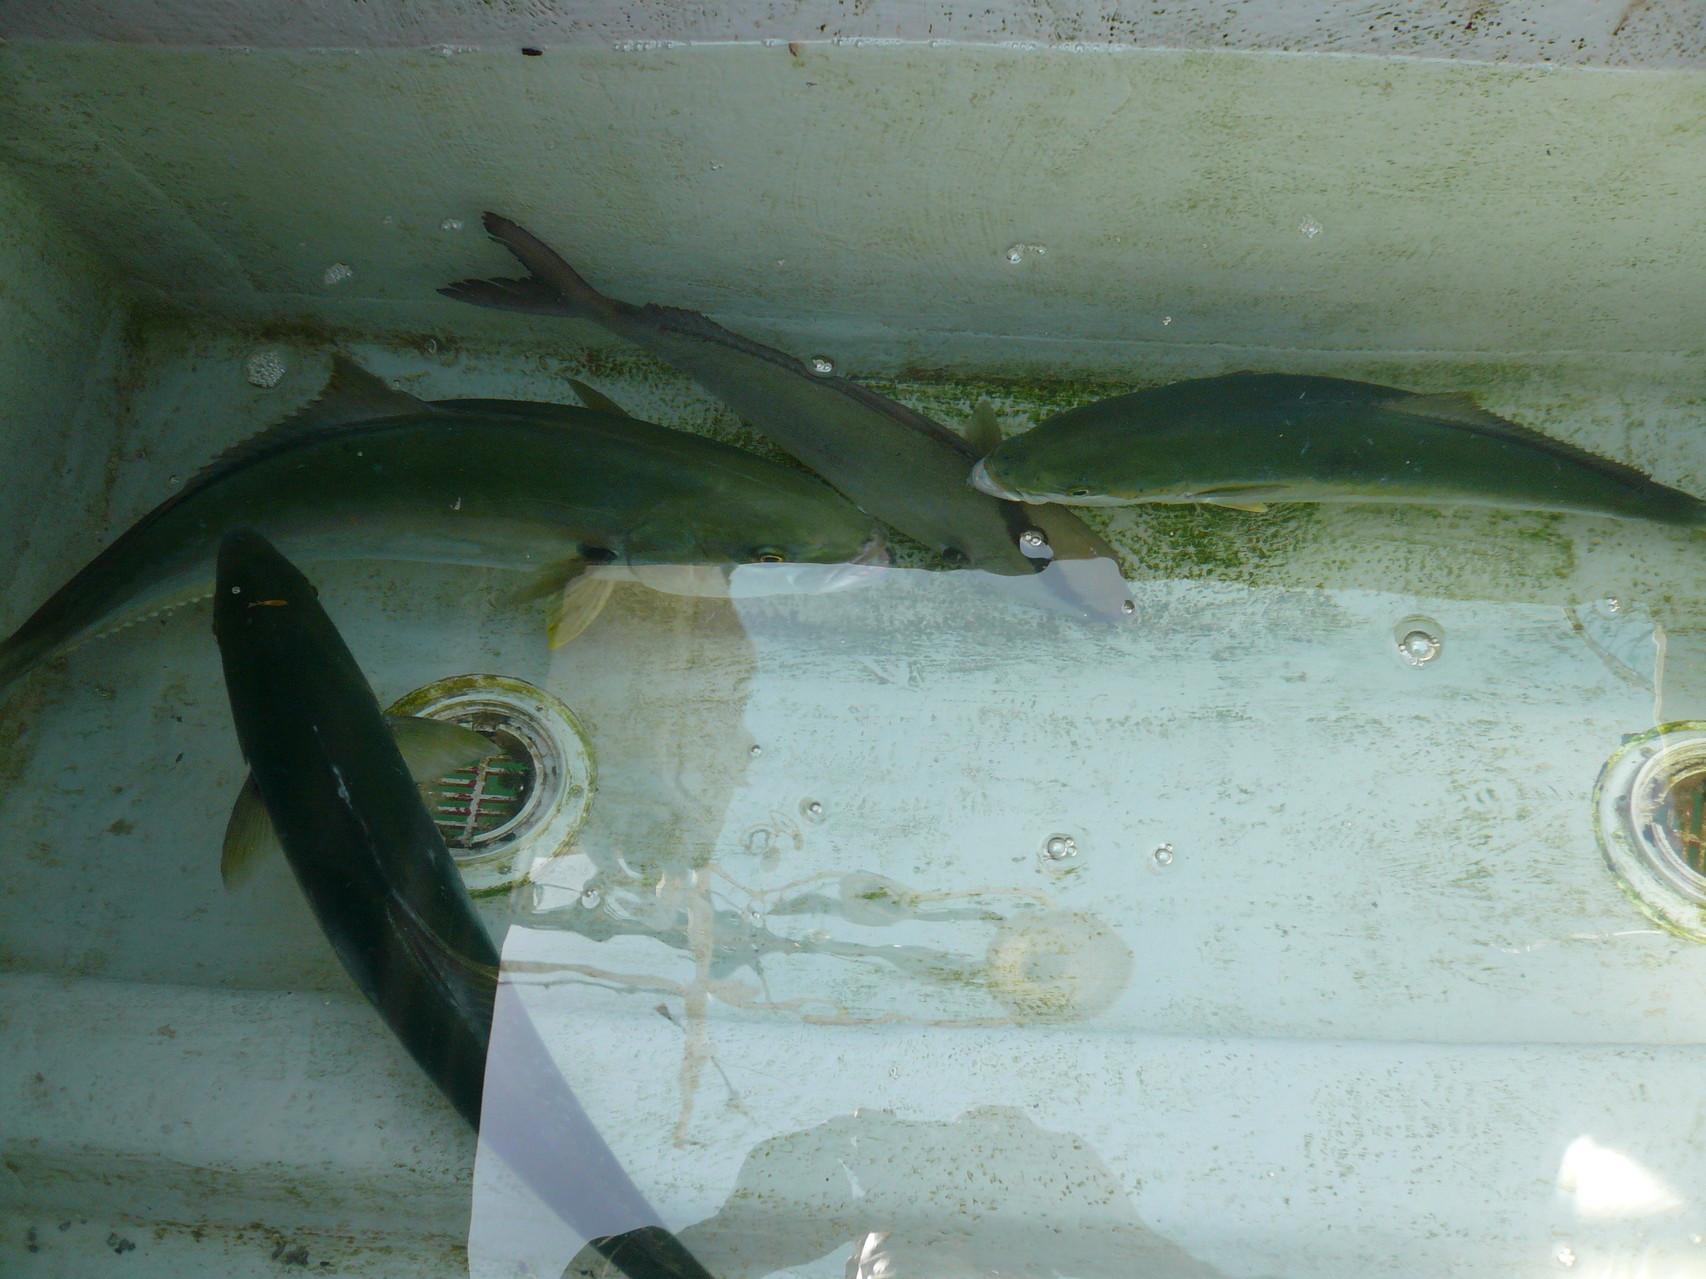 5月31日ワラサ×4匹 ヤズゴ×4匹 丸生簀のなかへ 残りは池間の中ヒラマサ・ヒラゴ・カンパチ